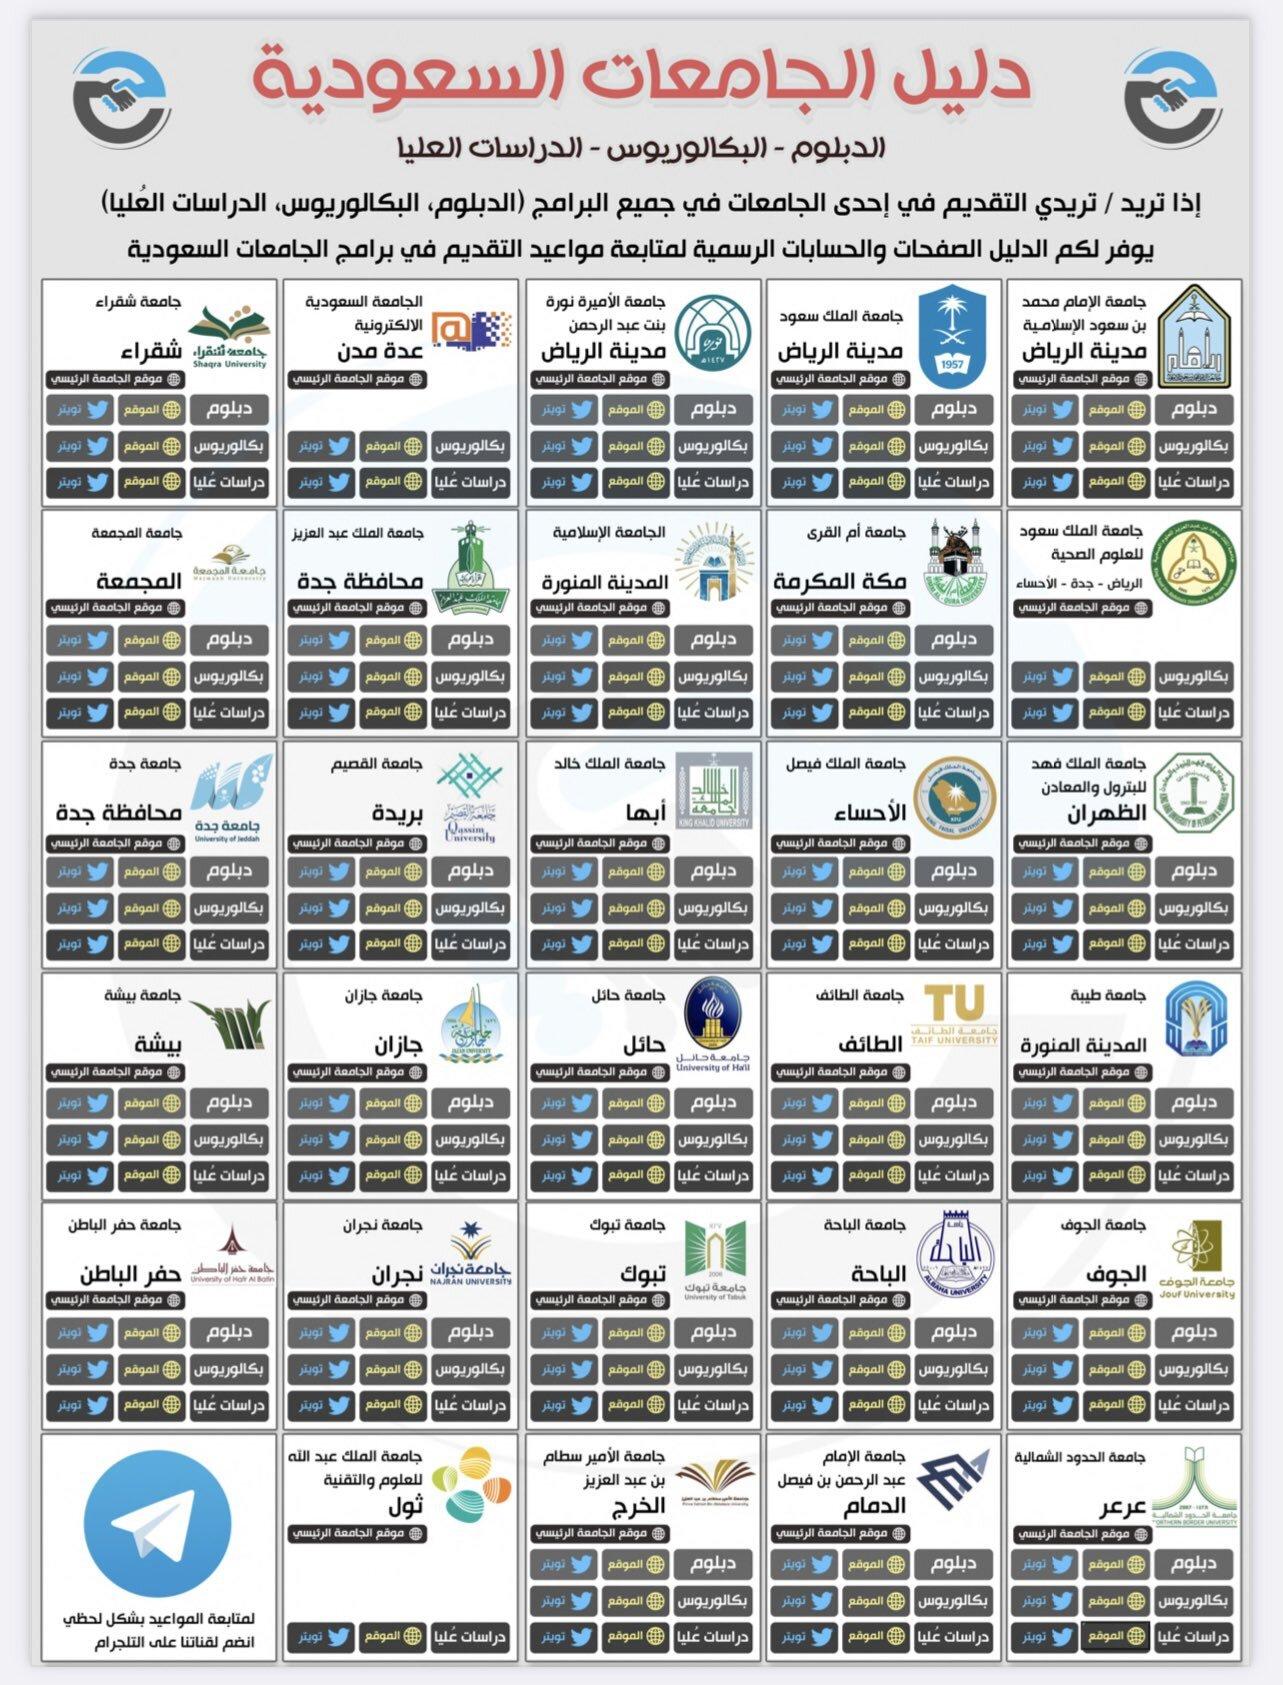 شروط القبول في الجامعات السعودية 1443